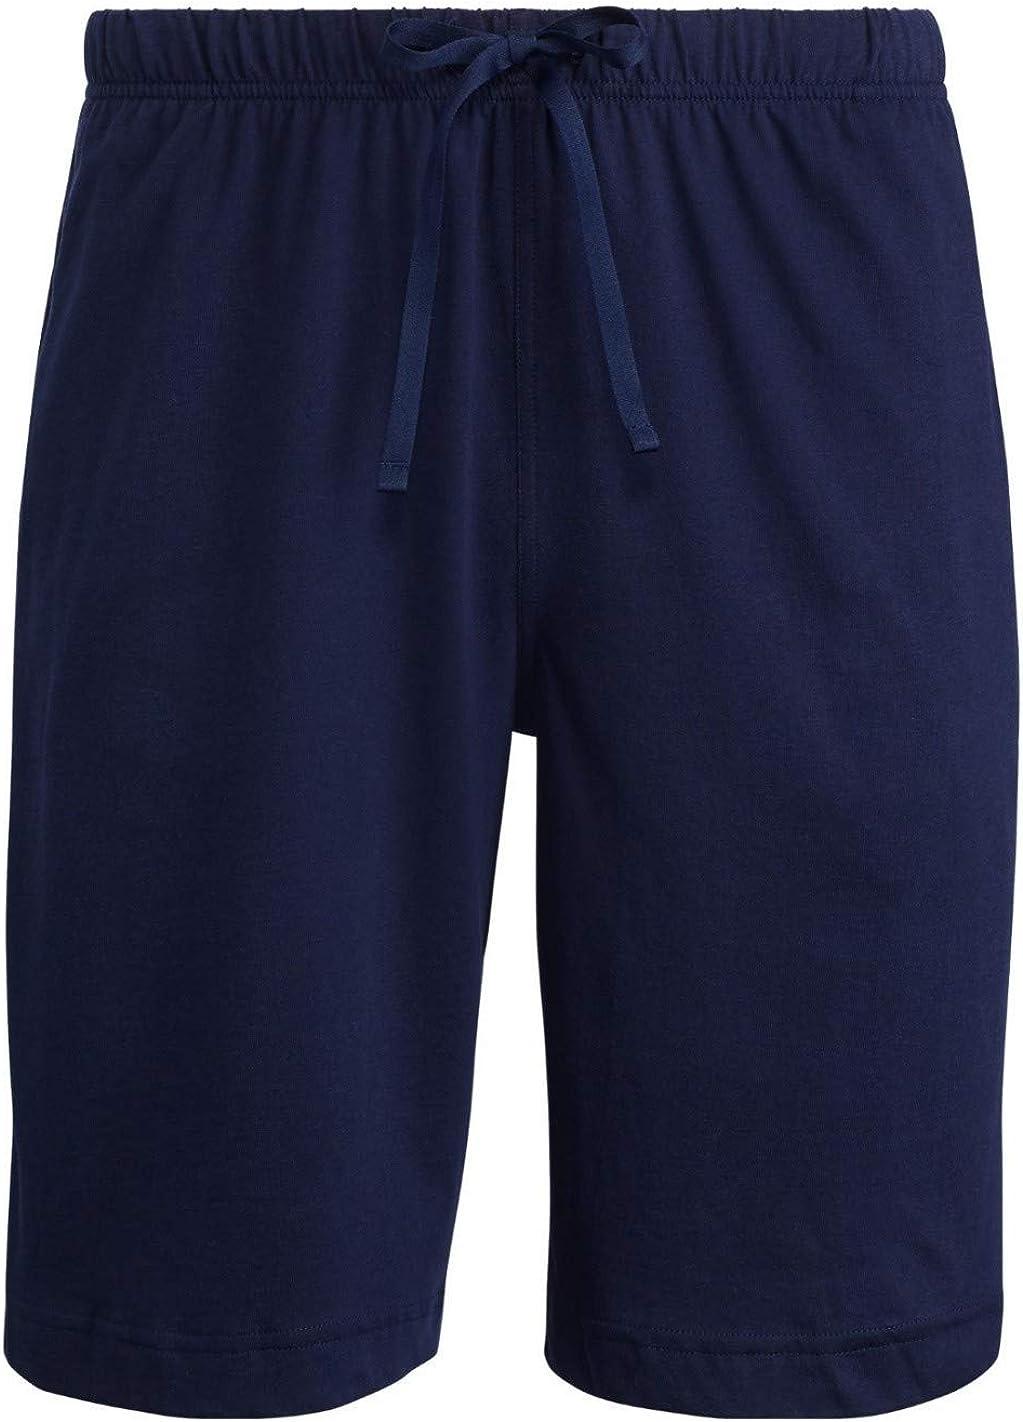 Ralph Lauren - Polo Bermuda-Short Sleep Azul Marino P - Marino, S ...